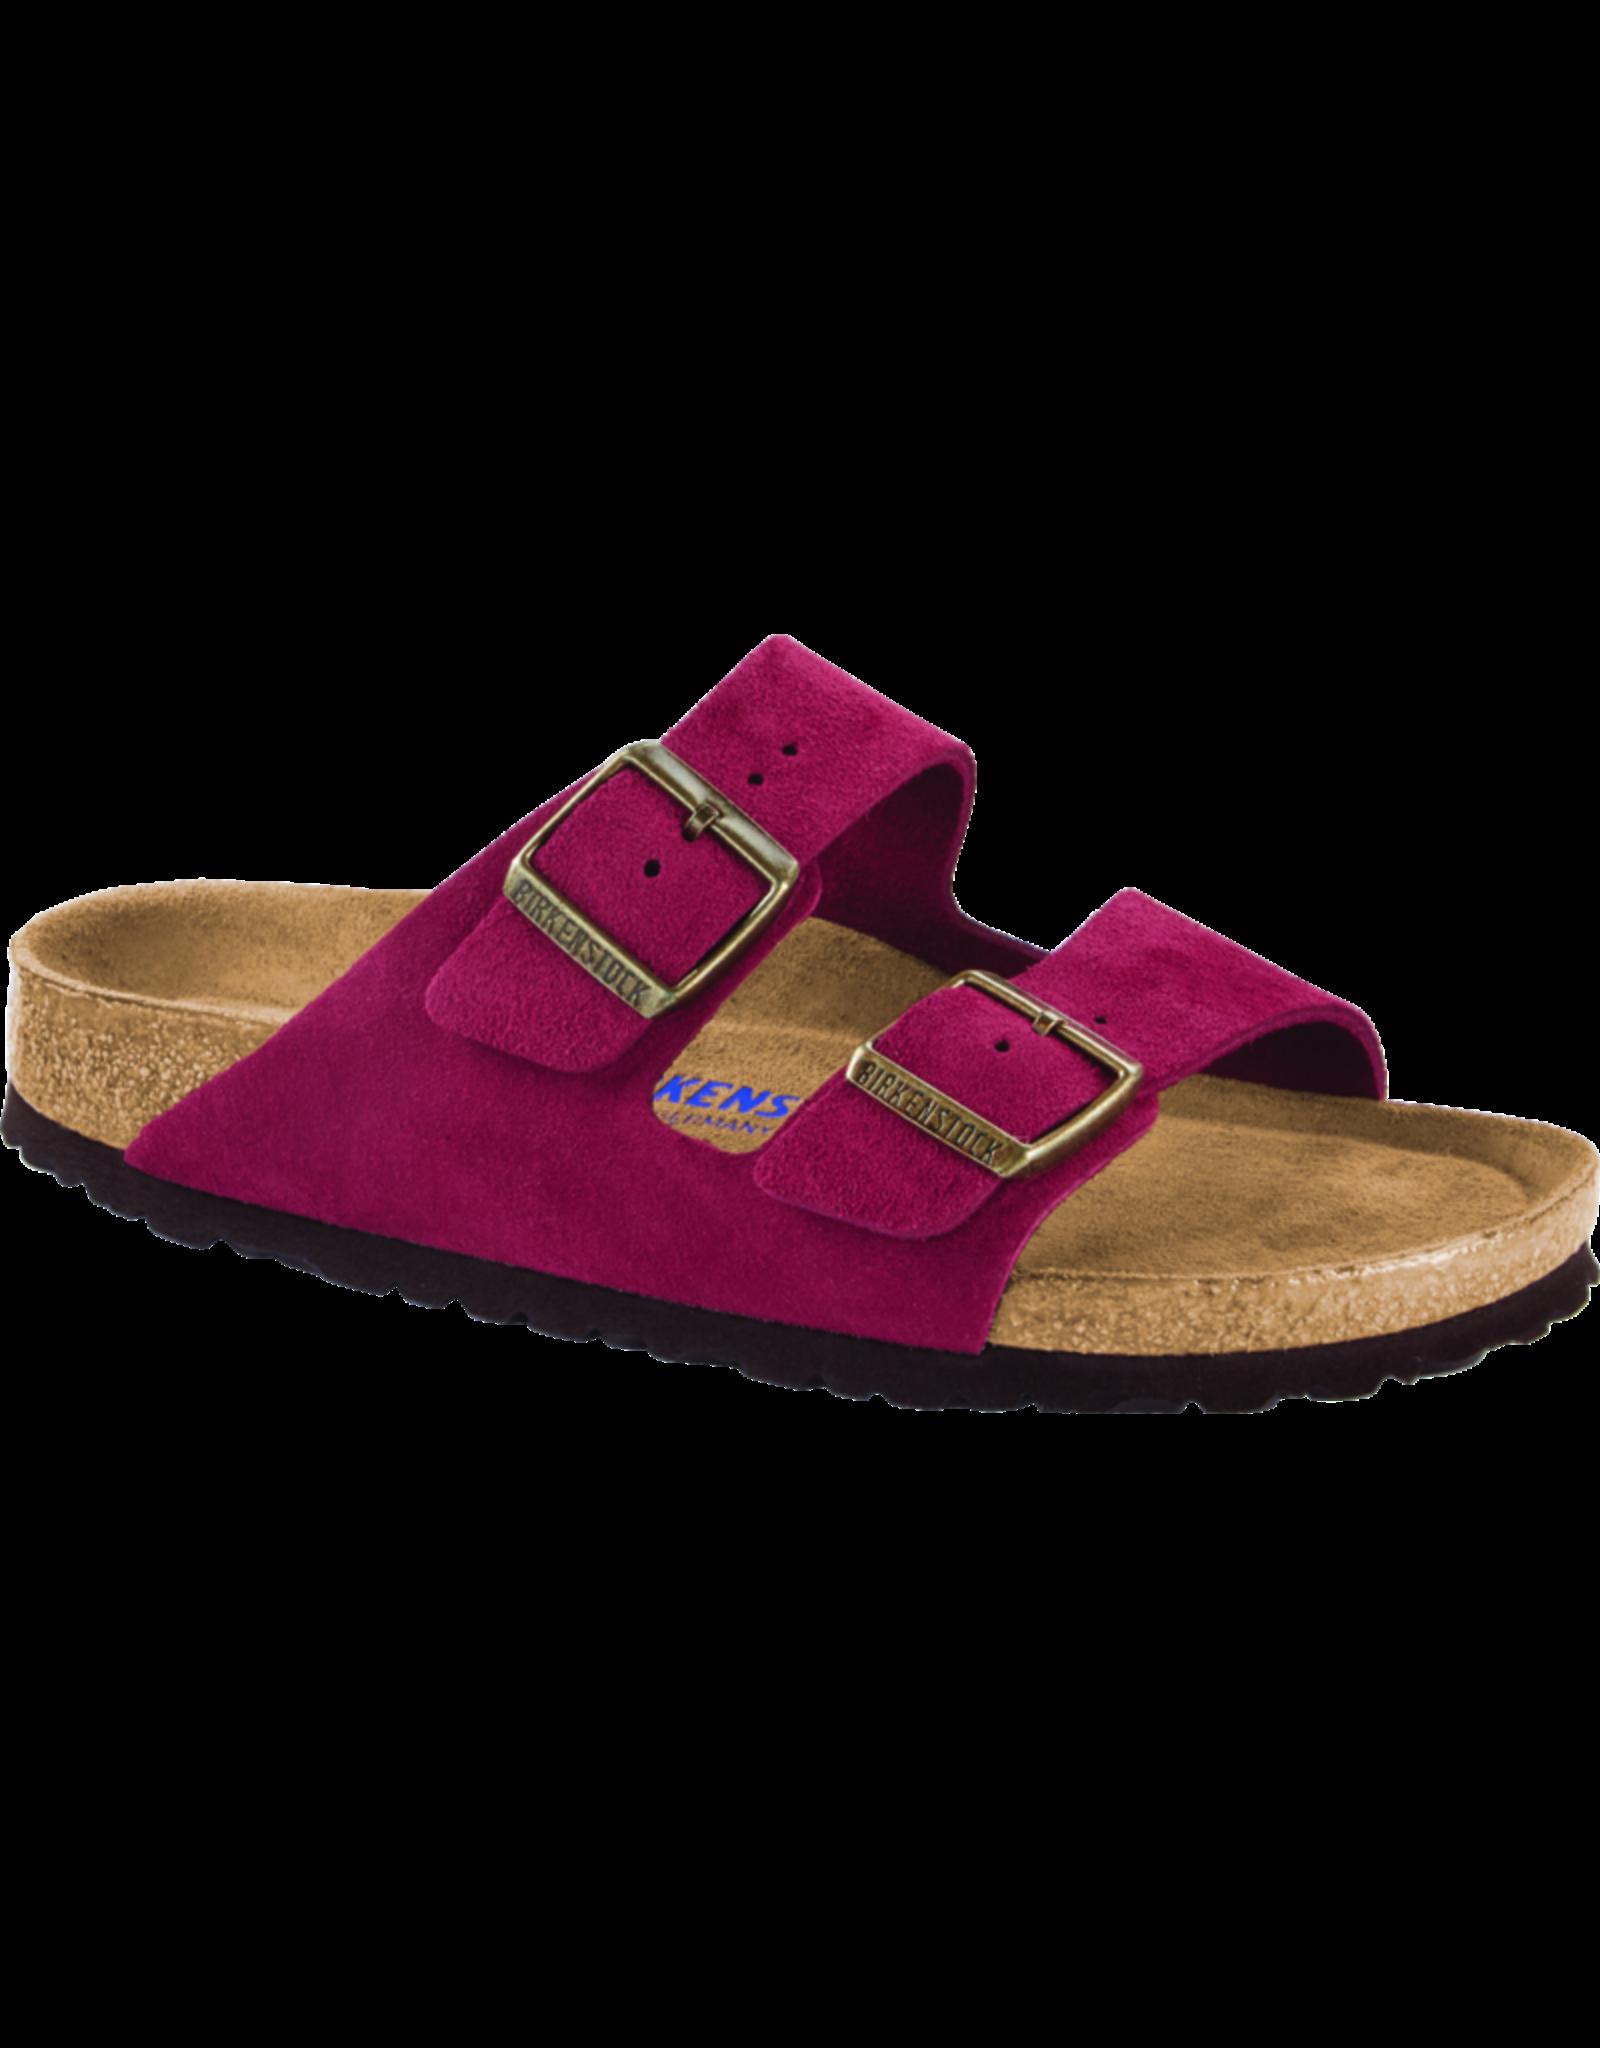 Birkenstock Arizona Sandal Soft Footbed Antique Port Suede